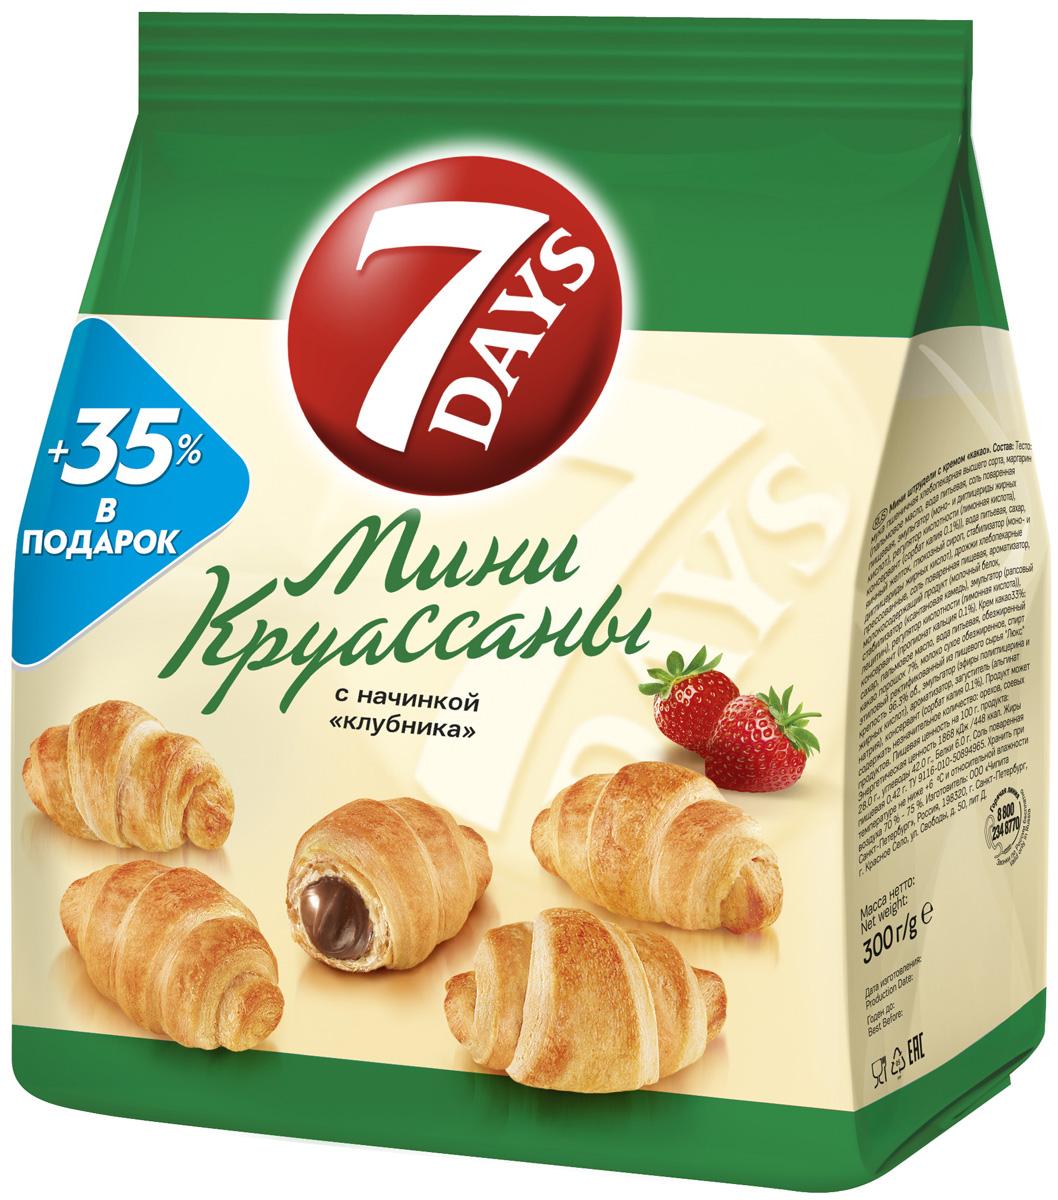 7DAYS Мини-круассаны с начинкой Клубника, 300 г57940Круассаны 7DAYS - готовая к употреблению выпечка из нежного теста с восхитительными кремовыми и джемовыми начинками.Мини-круассаны - это много маленьких вкусных круассанов в одной упаковке. Прекрасно сочетаются с чаем и кофе, идеально подходят для того, чтобы разделить их с близкими. Превосходный выбор снэка для потребления дома и на ходу.